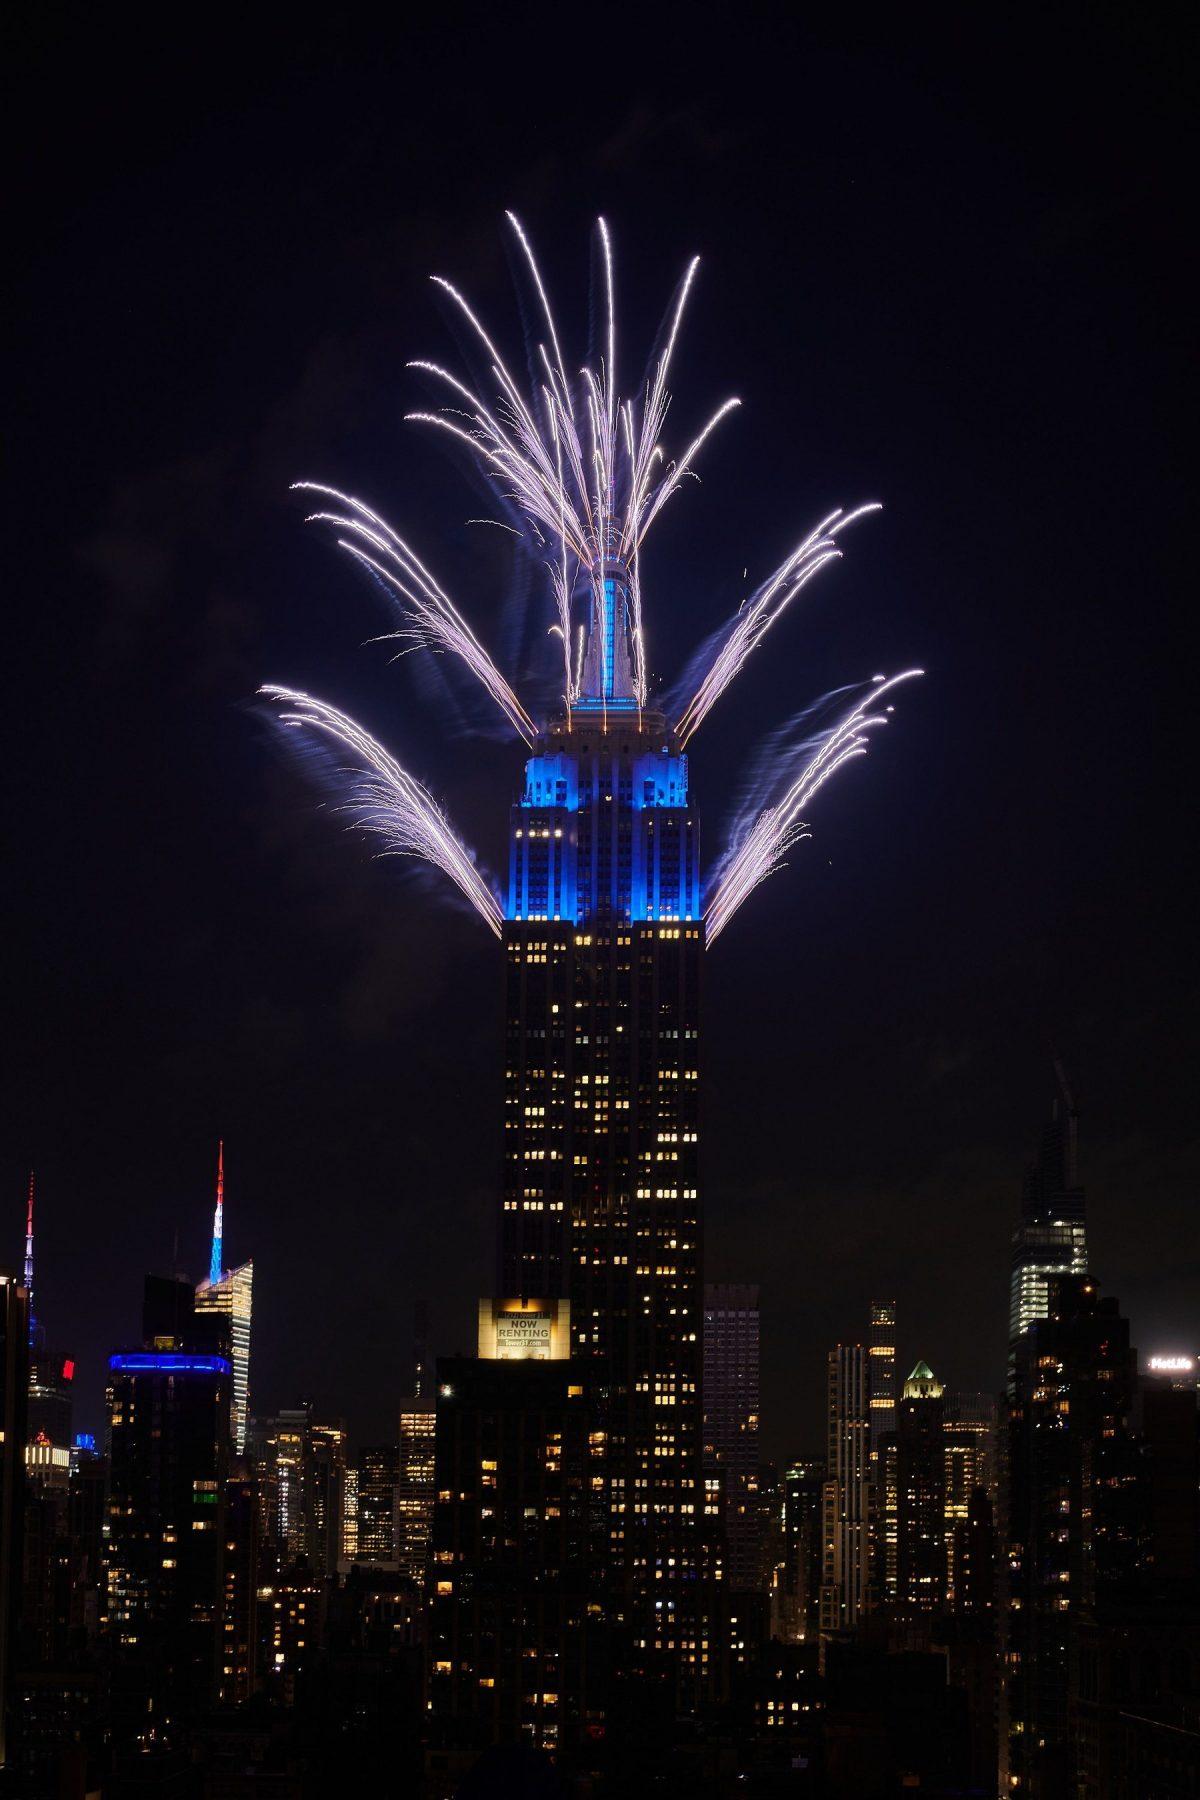 El Empire State Building celebra gran final de la edición anual 44 del espectáculo de fuegos artificiales del 4 de Julio de Macy's